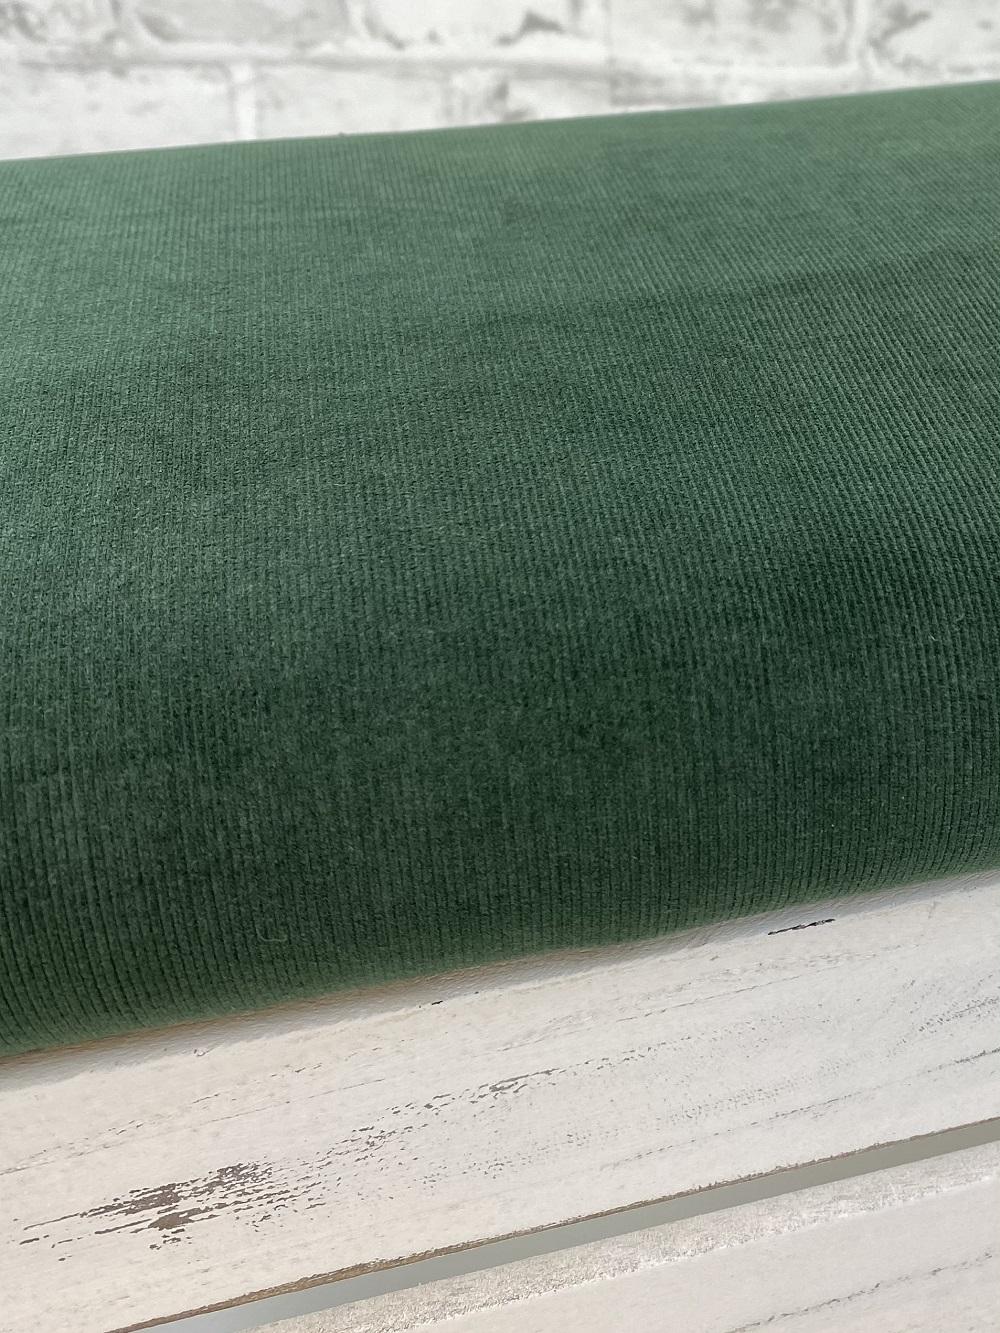 Feincord gewaschen, olivgrün. Art. 4809/827